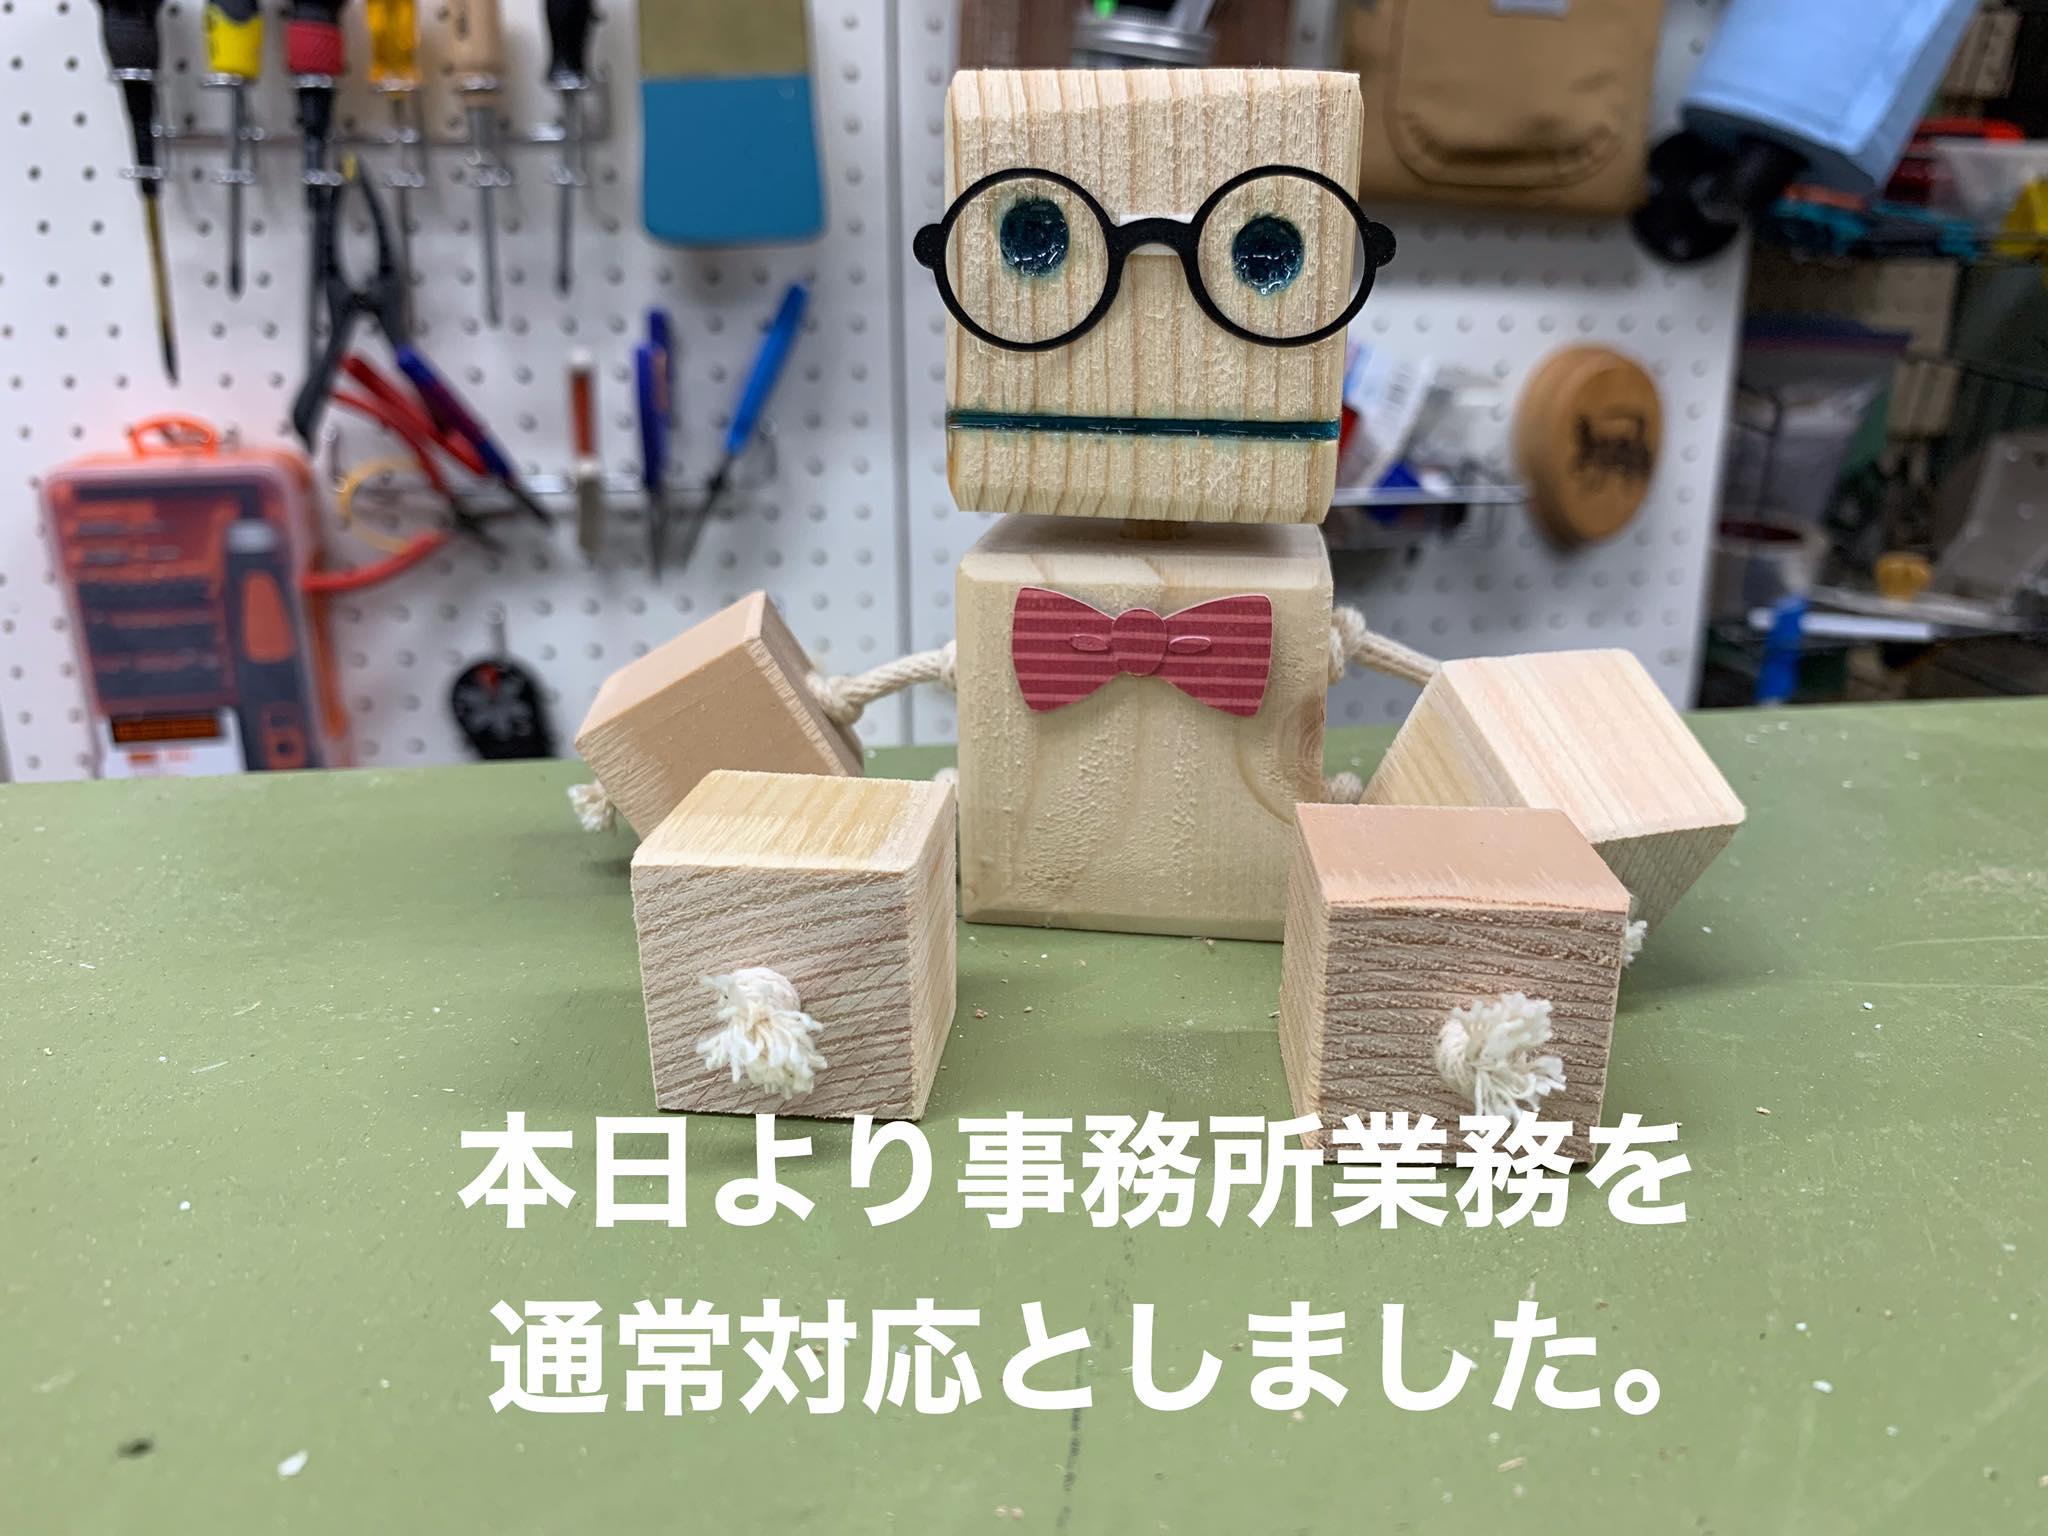 ウッドロボット